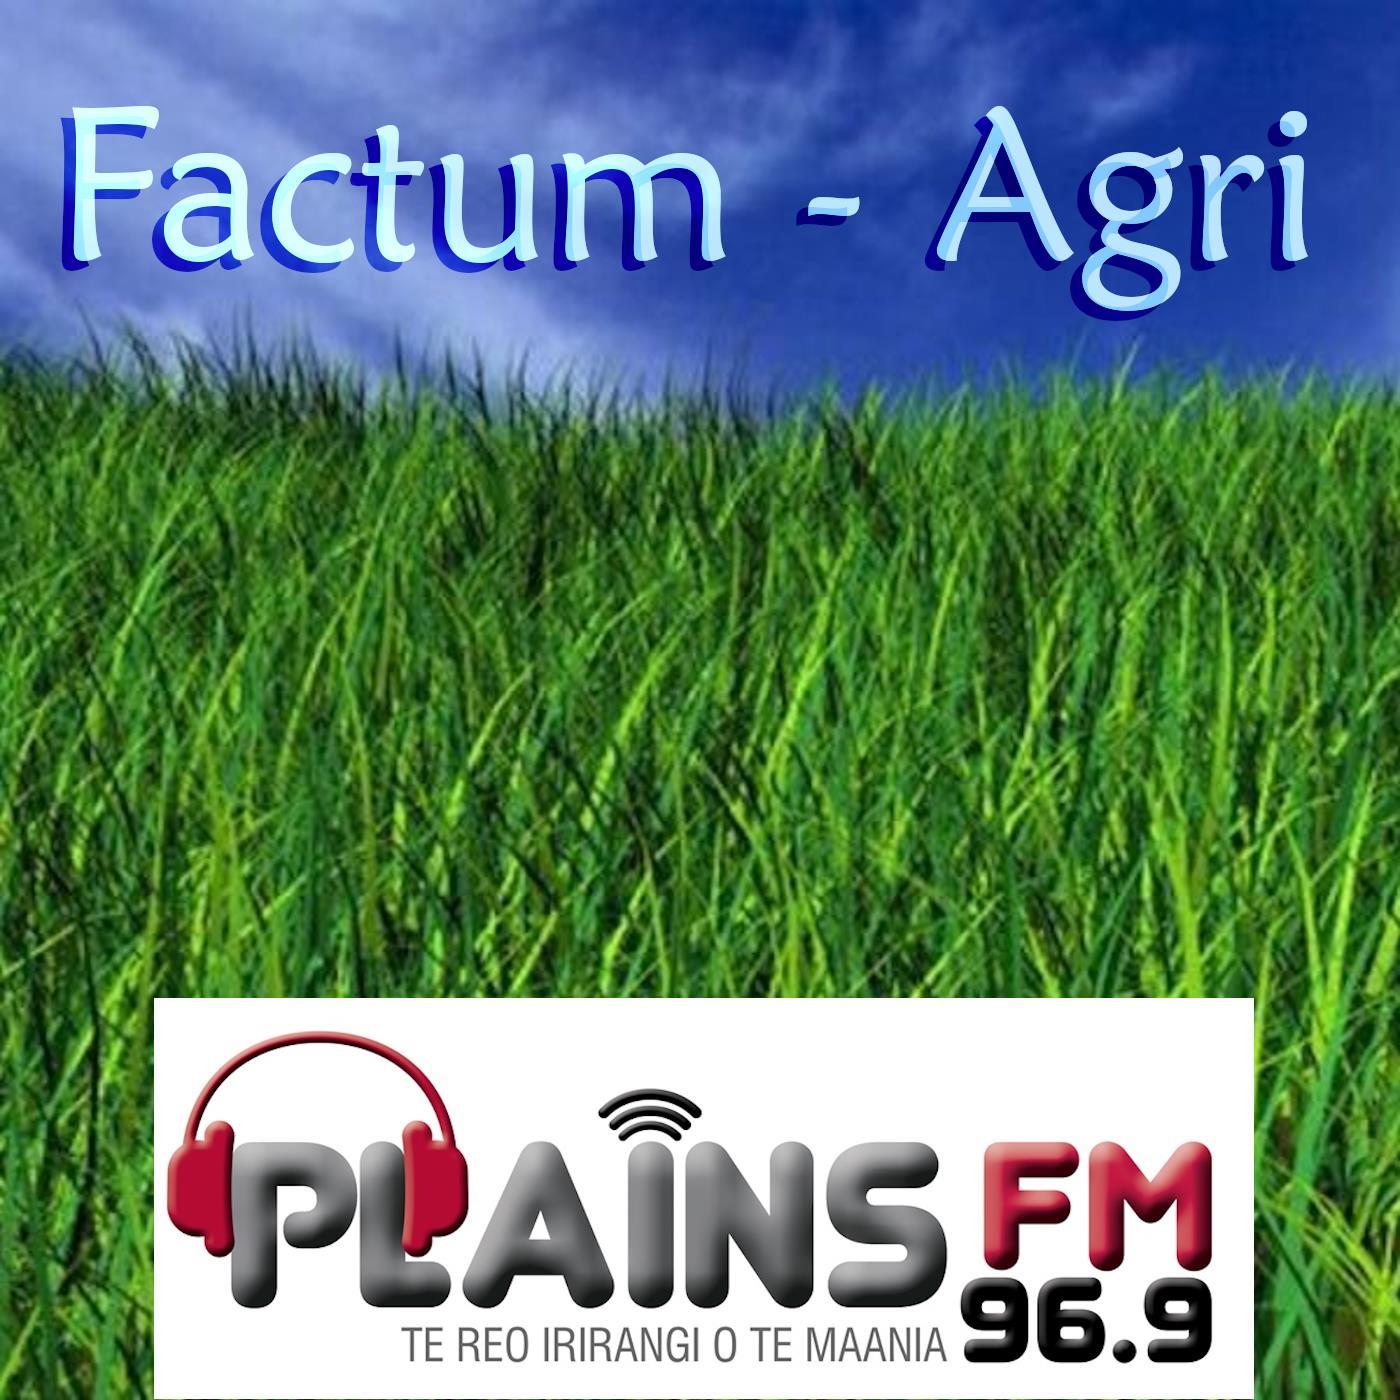 Factum-Agri - 6 June